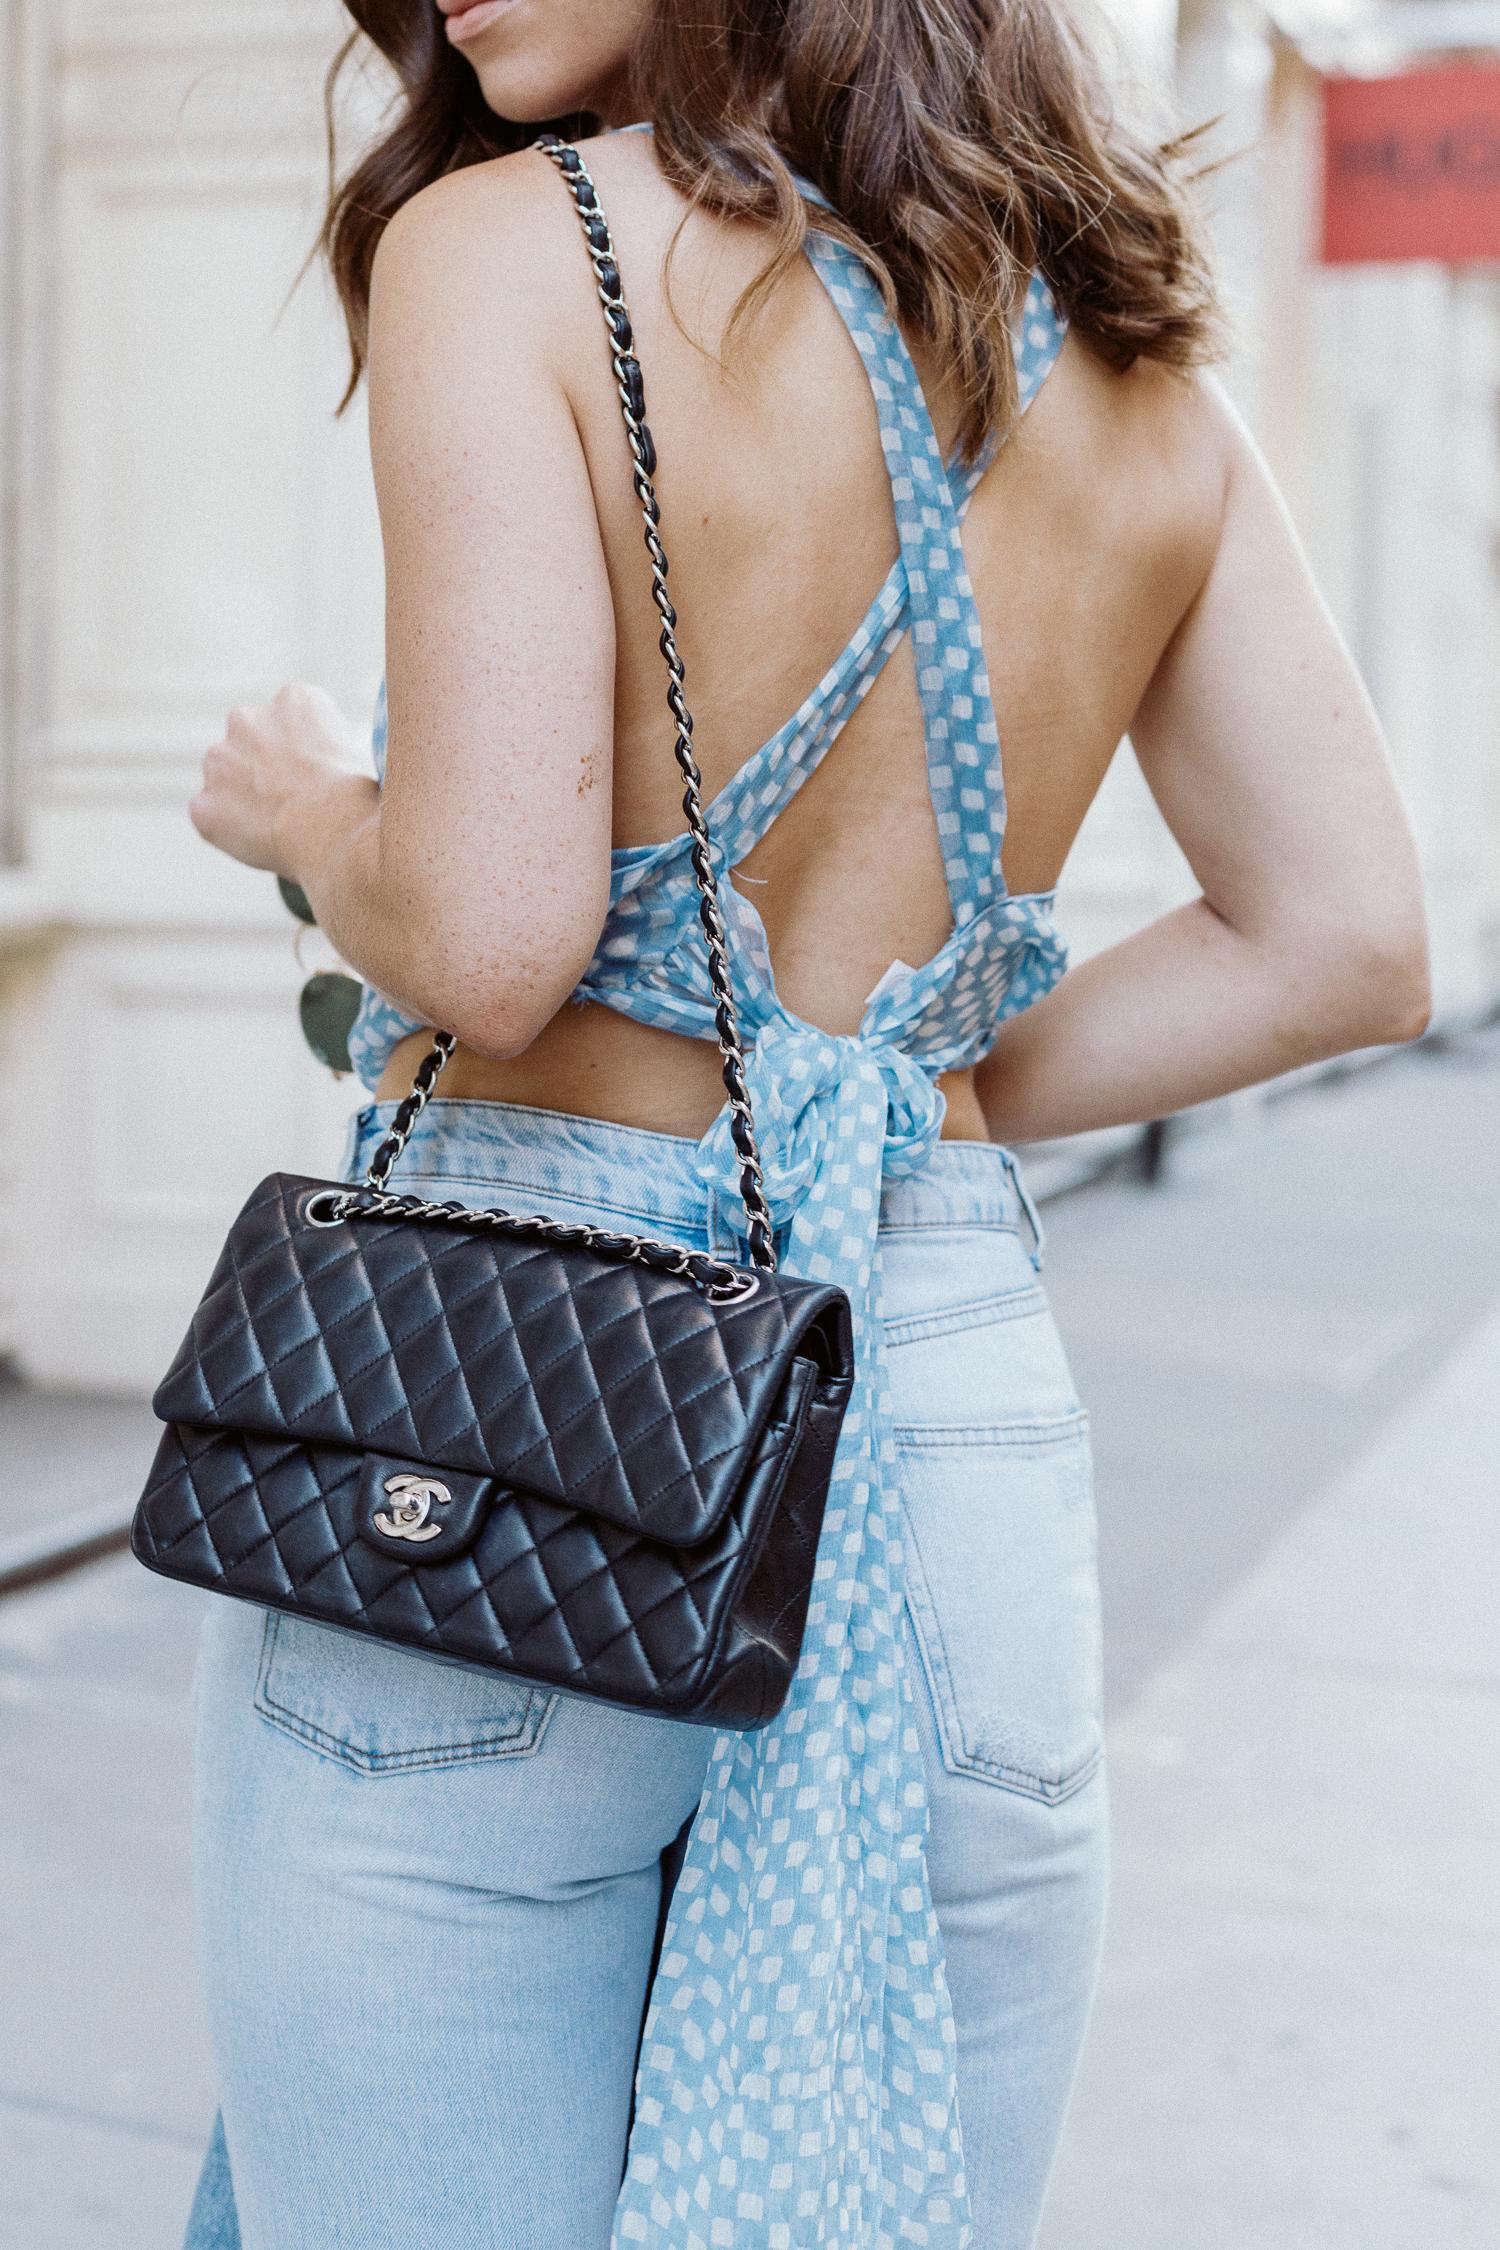 Cloe Cassandro top | Bikinis & Passports